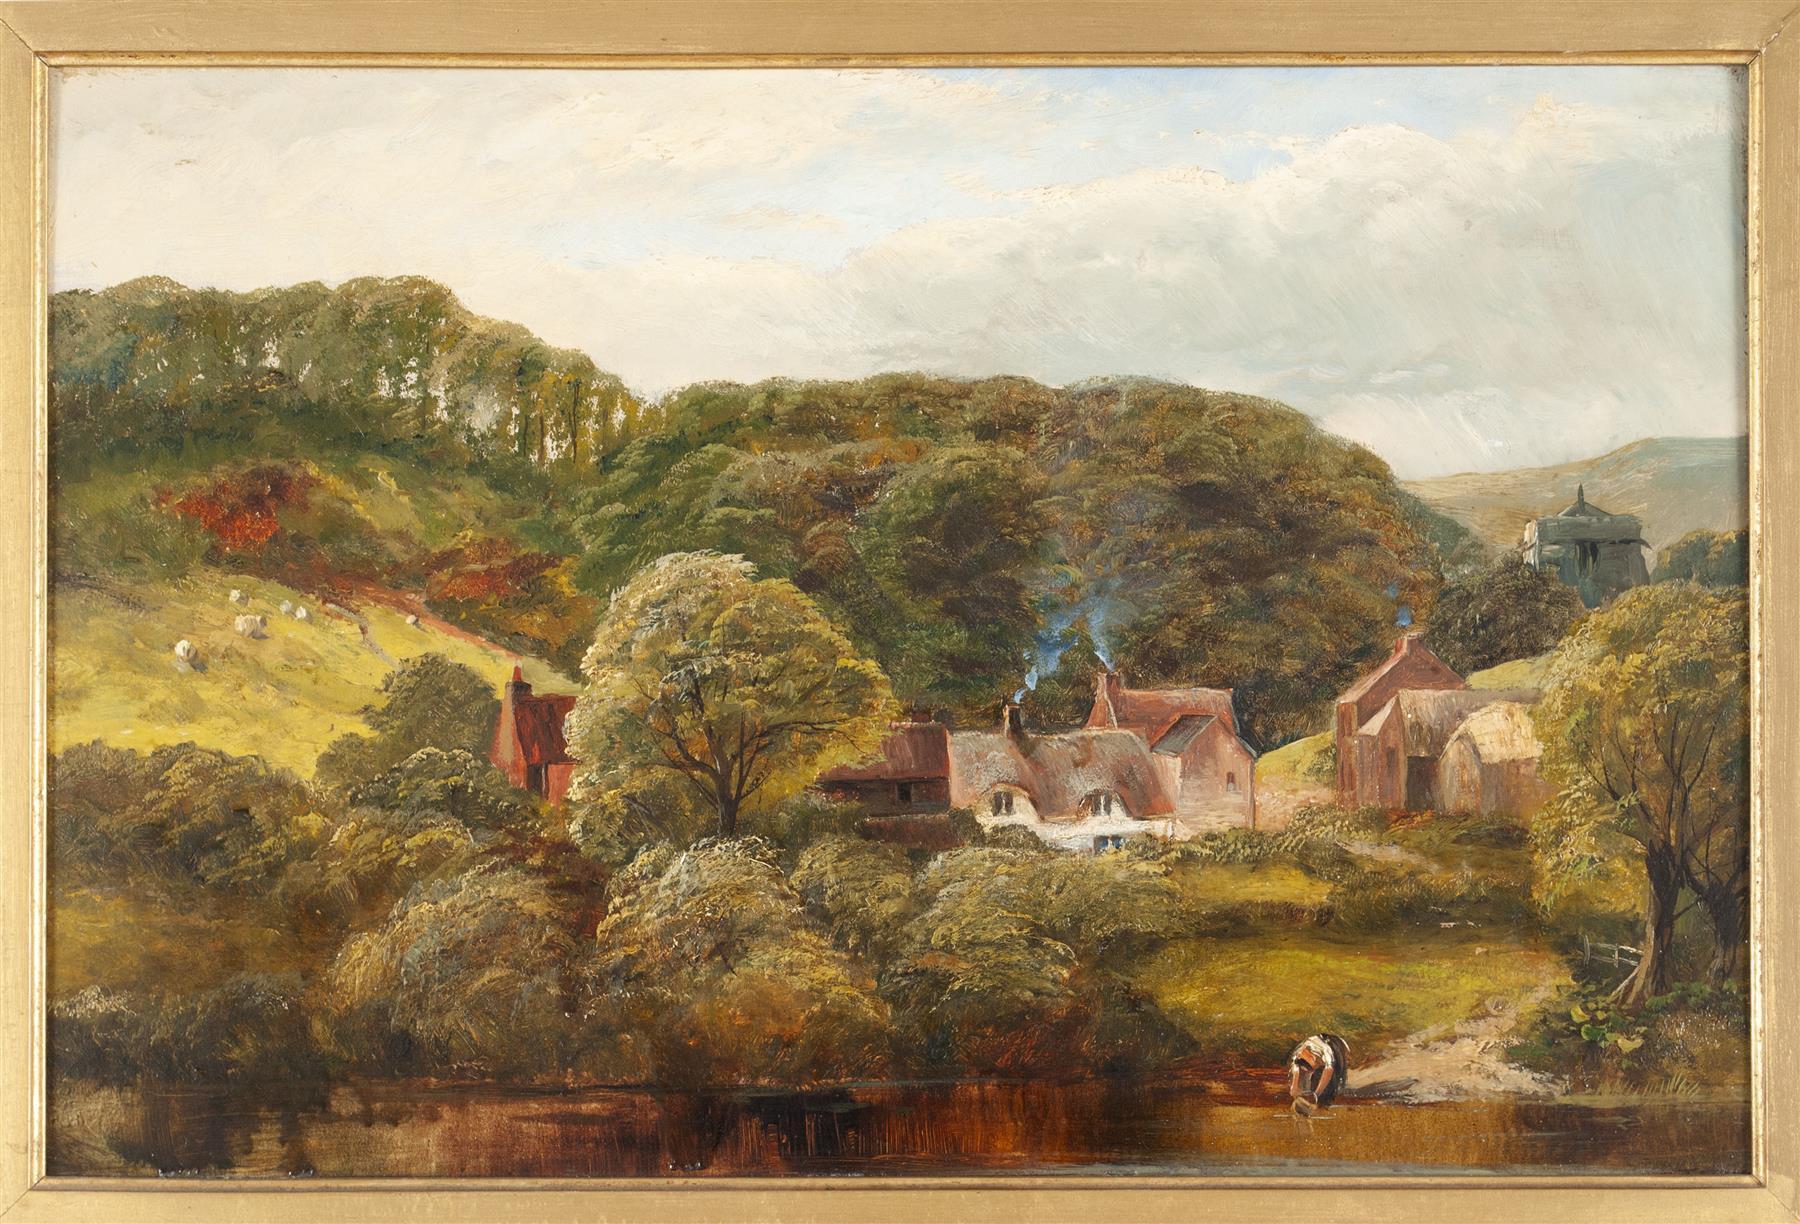 THOMAS HENRY THOMAS (ENGLISH, 1839-1915)